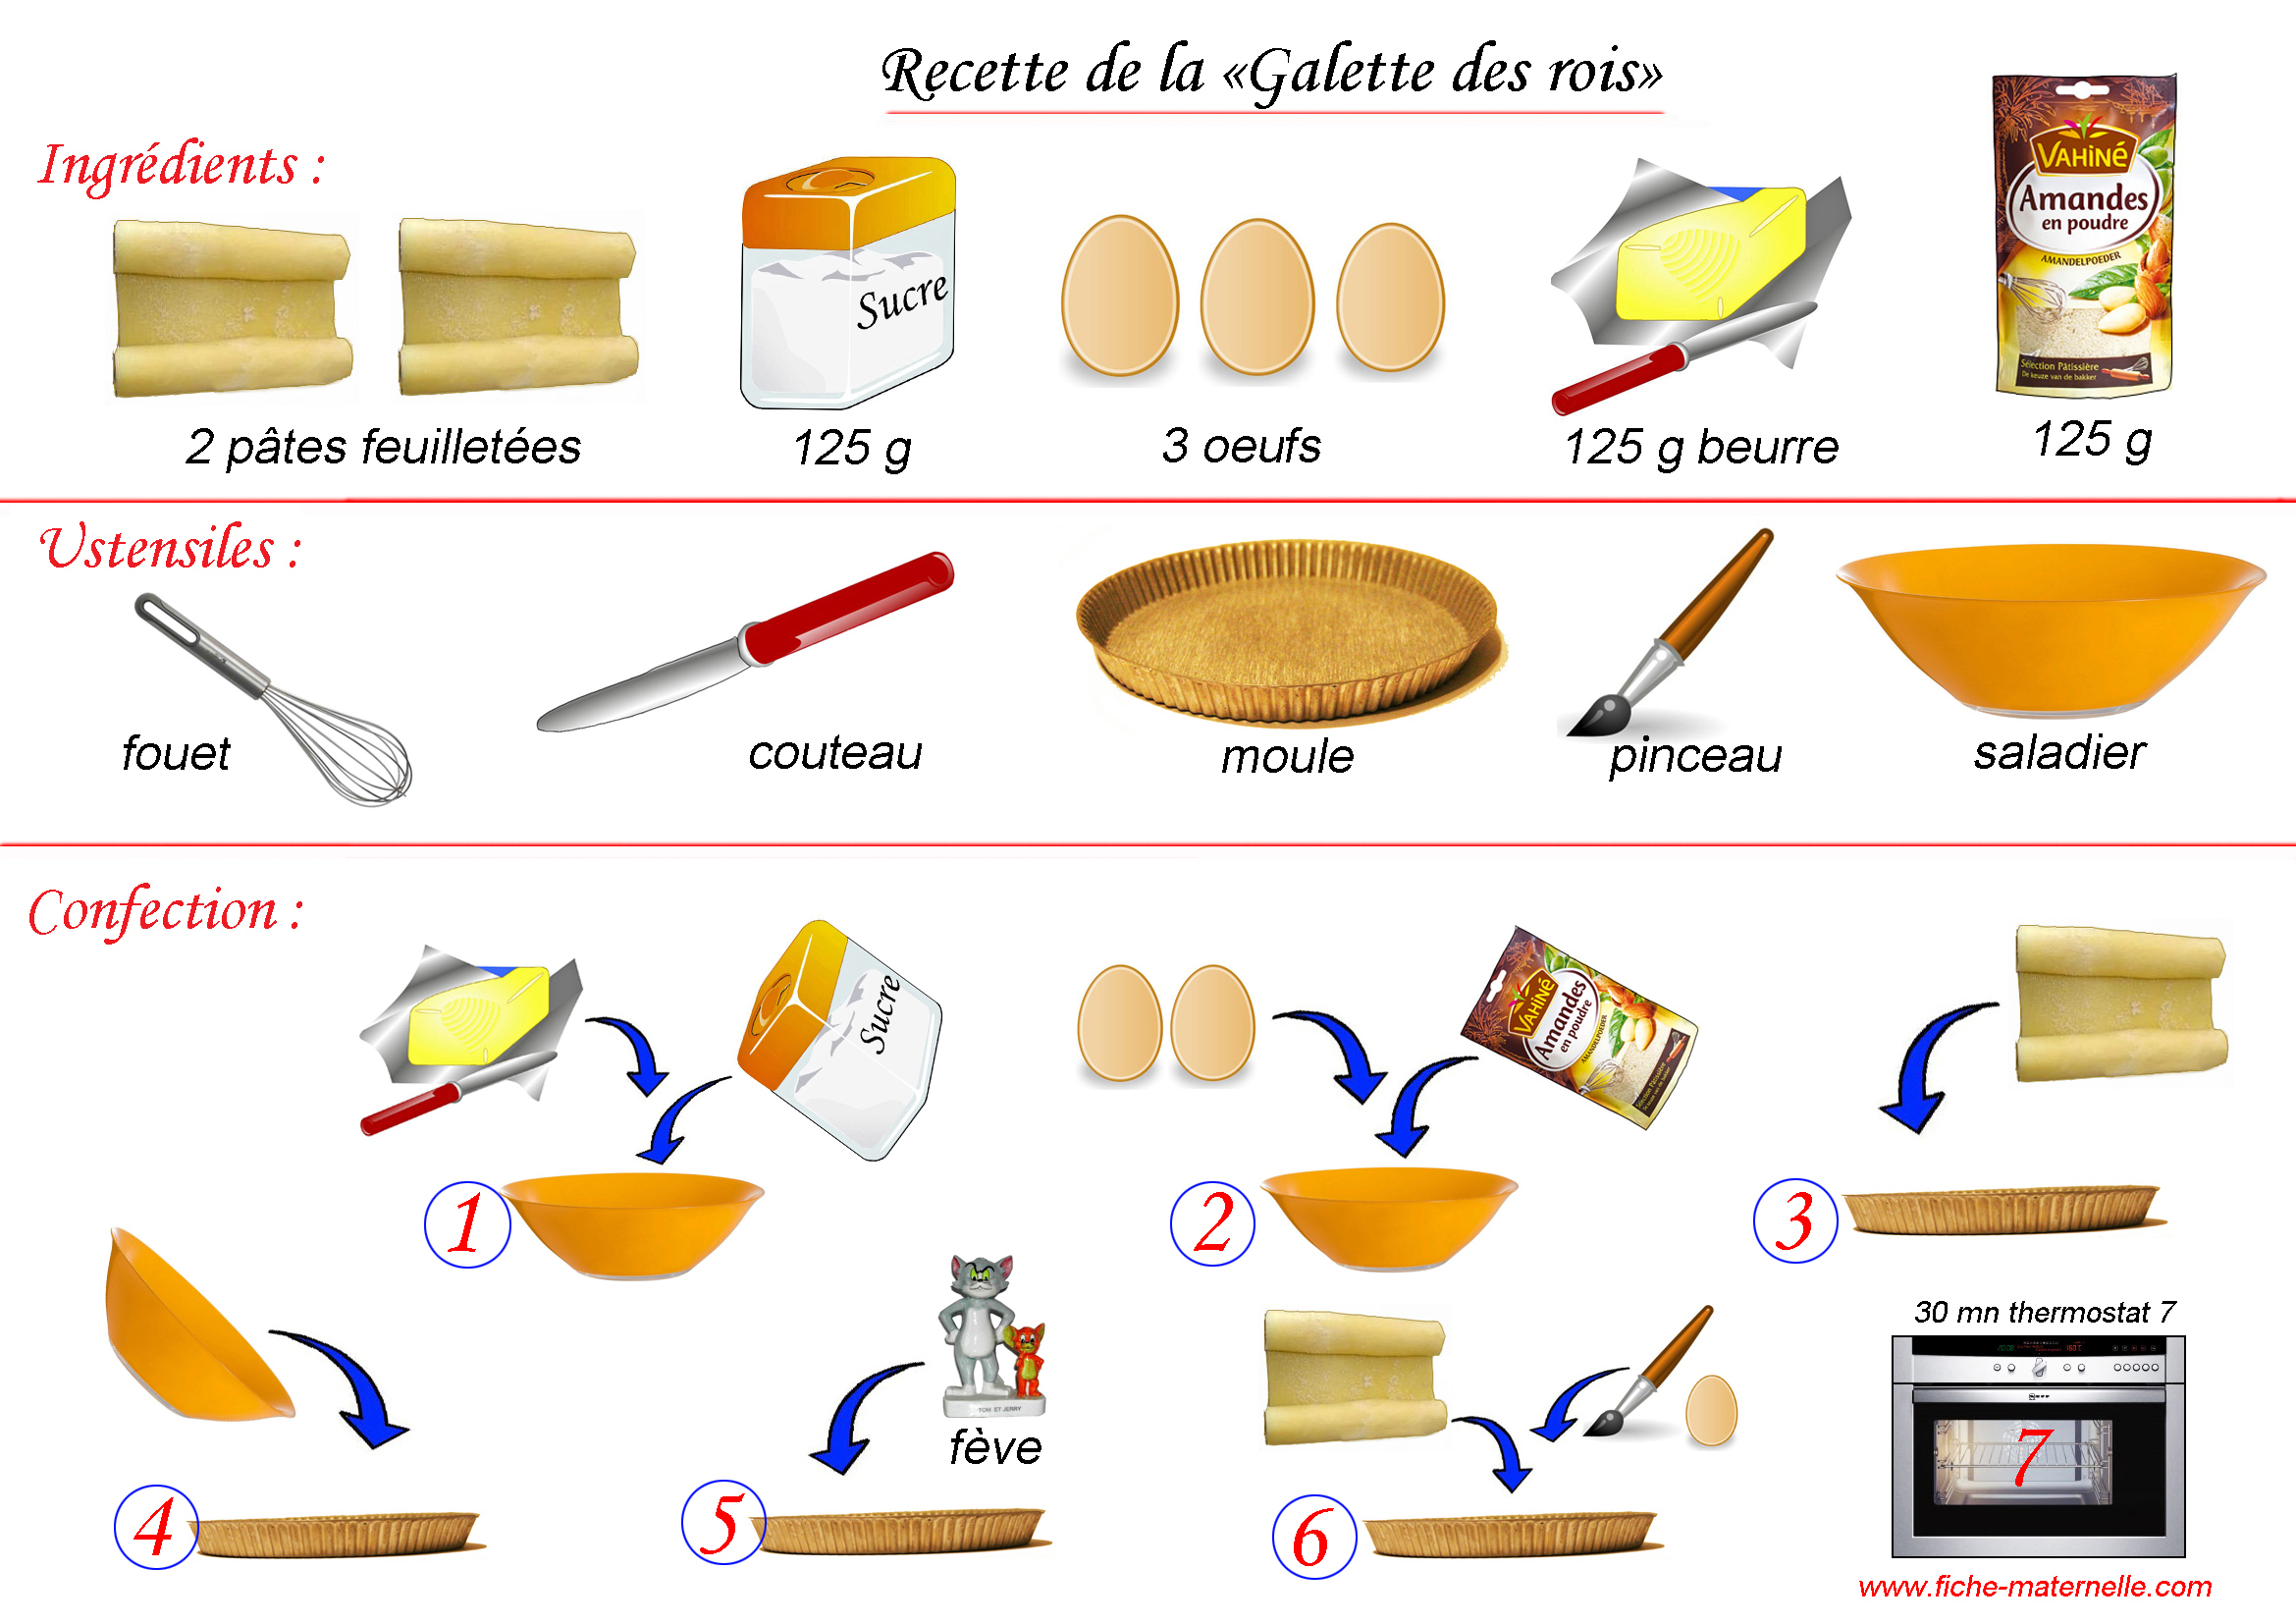 http://www.fiche-maternelle.com/recette-galette-des-rois.jpg